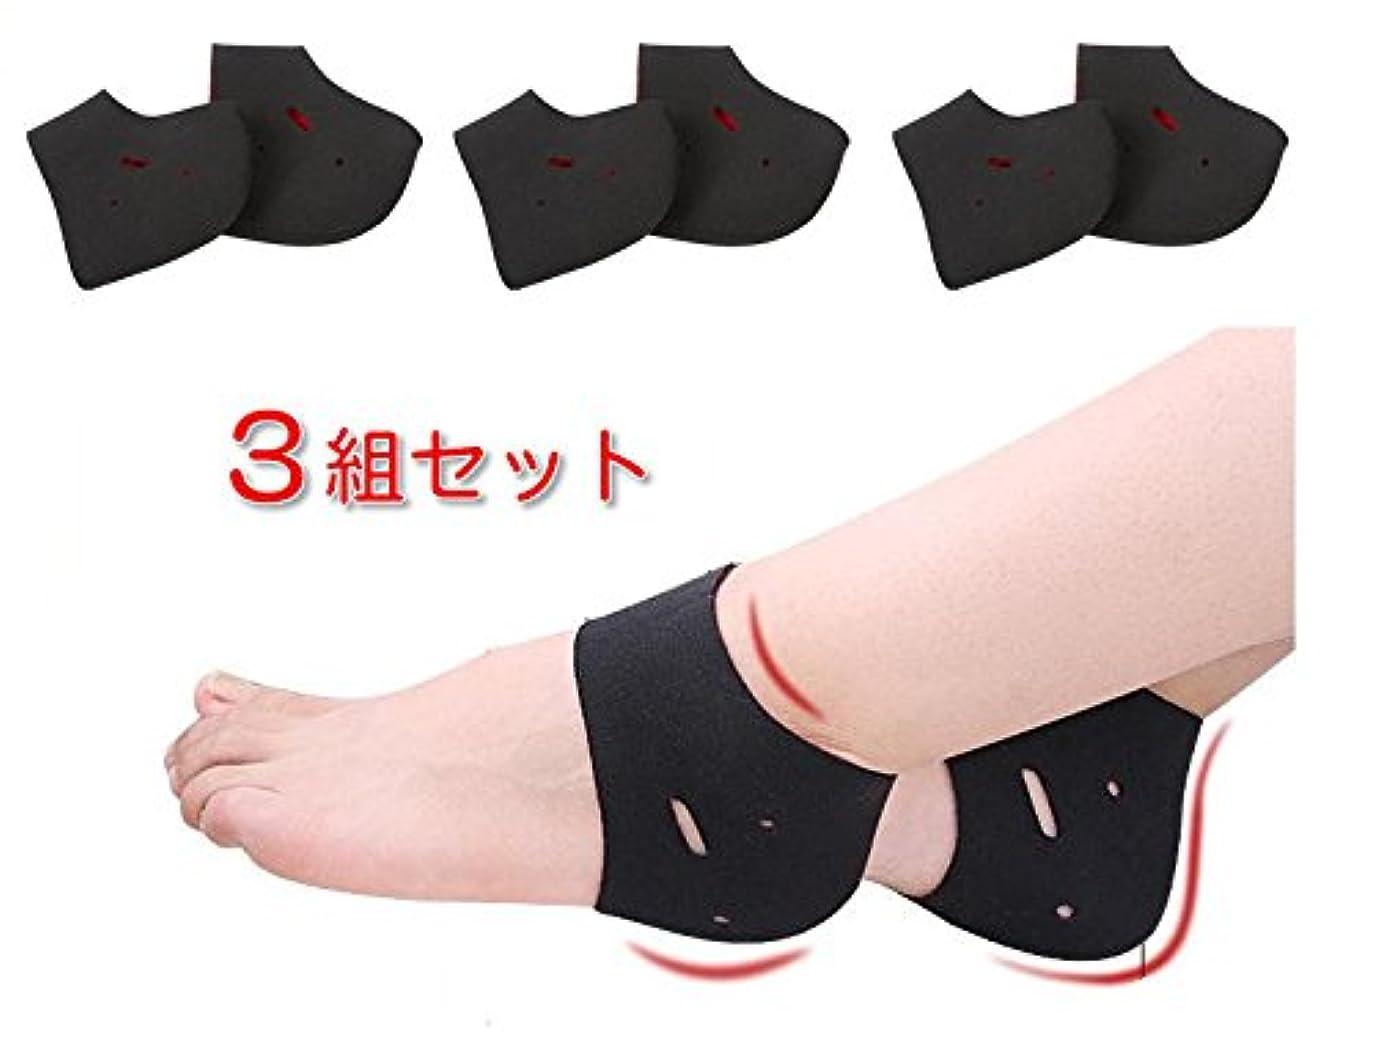 Lumiele かかとケア かかとサポーター 3足セット 両足用 角質ケア かかと靴下 (Mサイズ)